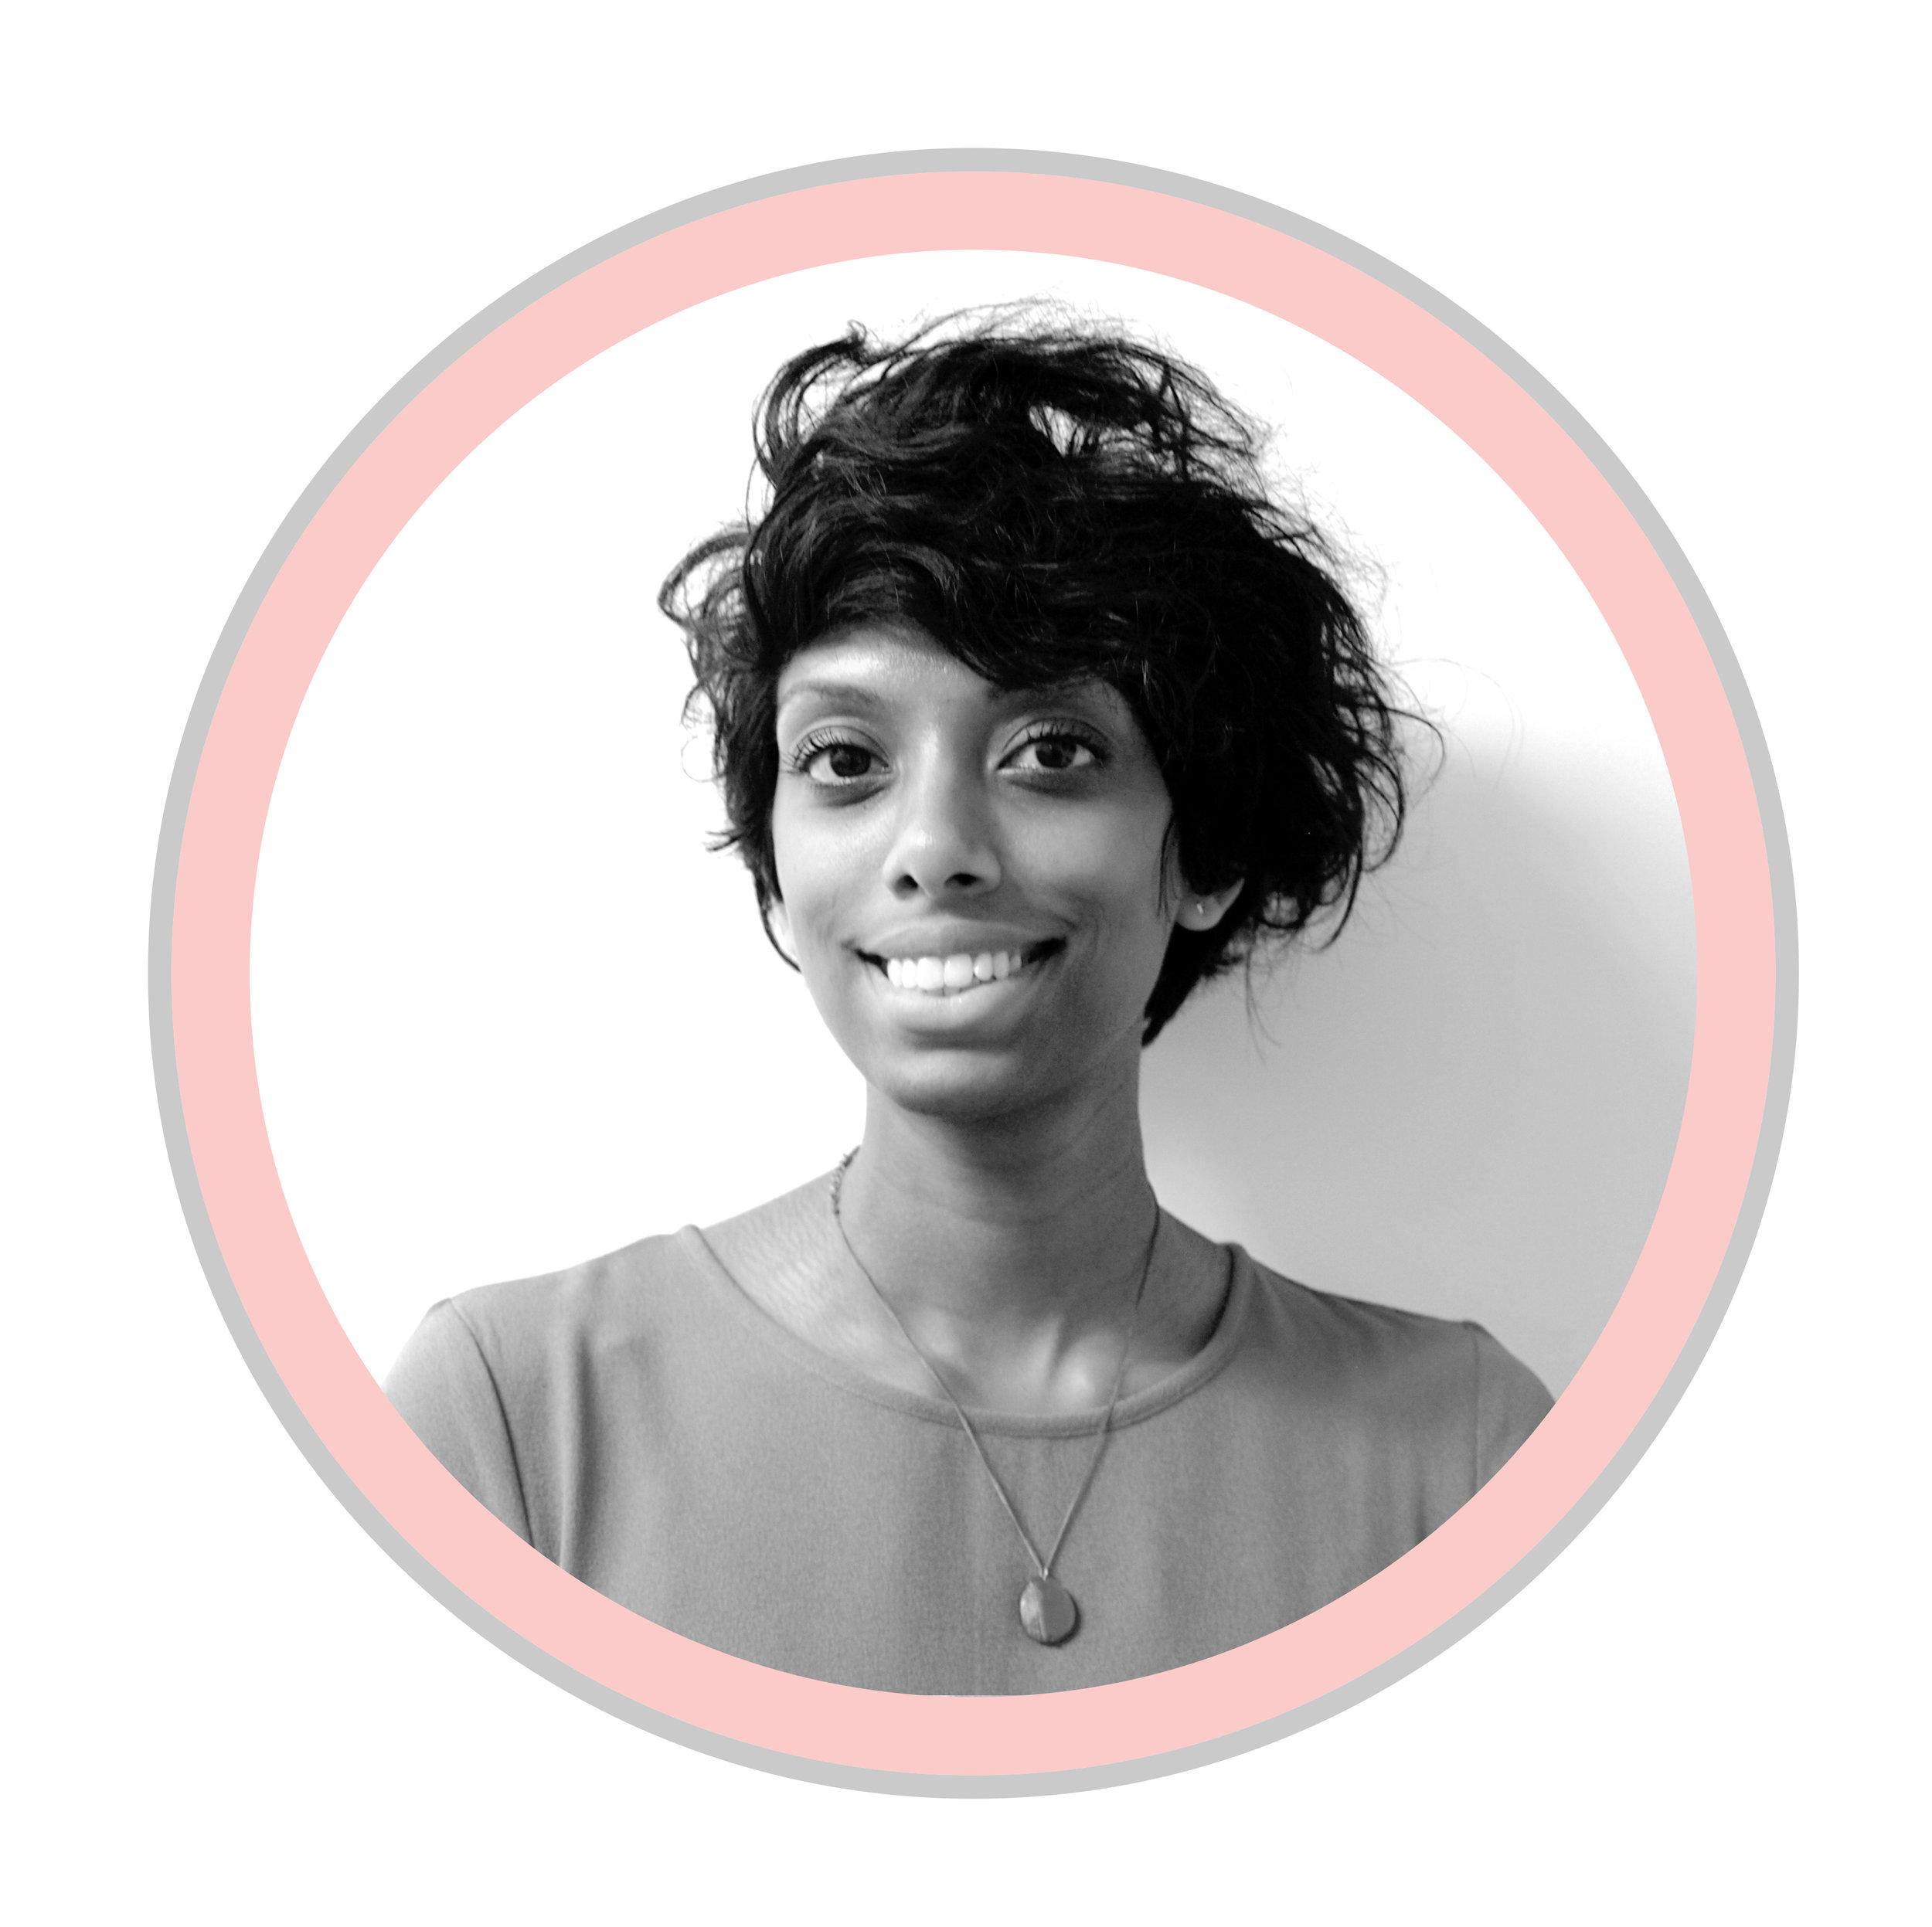 SHAGANA EHAMPARAM   Gestionnaire des communications   Née et grandie à Toronto a des parents réfugiés de Sri Lanka au sein d'une communauté multiculturelle, Shagana a toujours été intéressée à entendre et à rassembler diverses voix. Elle est impatiente de trouver de nouvelles façons de s'engager auprès de différents groupes de jeunes à travers le Canada pour soutenir leur voyage vers la citoyenneté active.  Shagana s'appuie sur ses années d'expérience de travail international dans le secteur à but non lucratif, y compris des projets à Londres, New York, au Libéria, à Mumbai et dans d'autres villes à travers l'Europe. Elle termine actuellement sa maîtrise en politique publique et urbaine à la New School de New York.